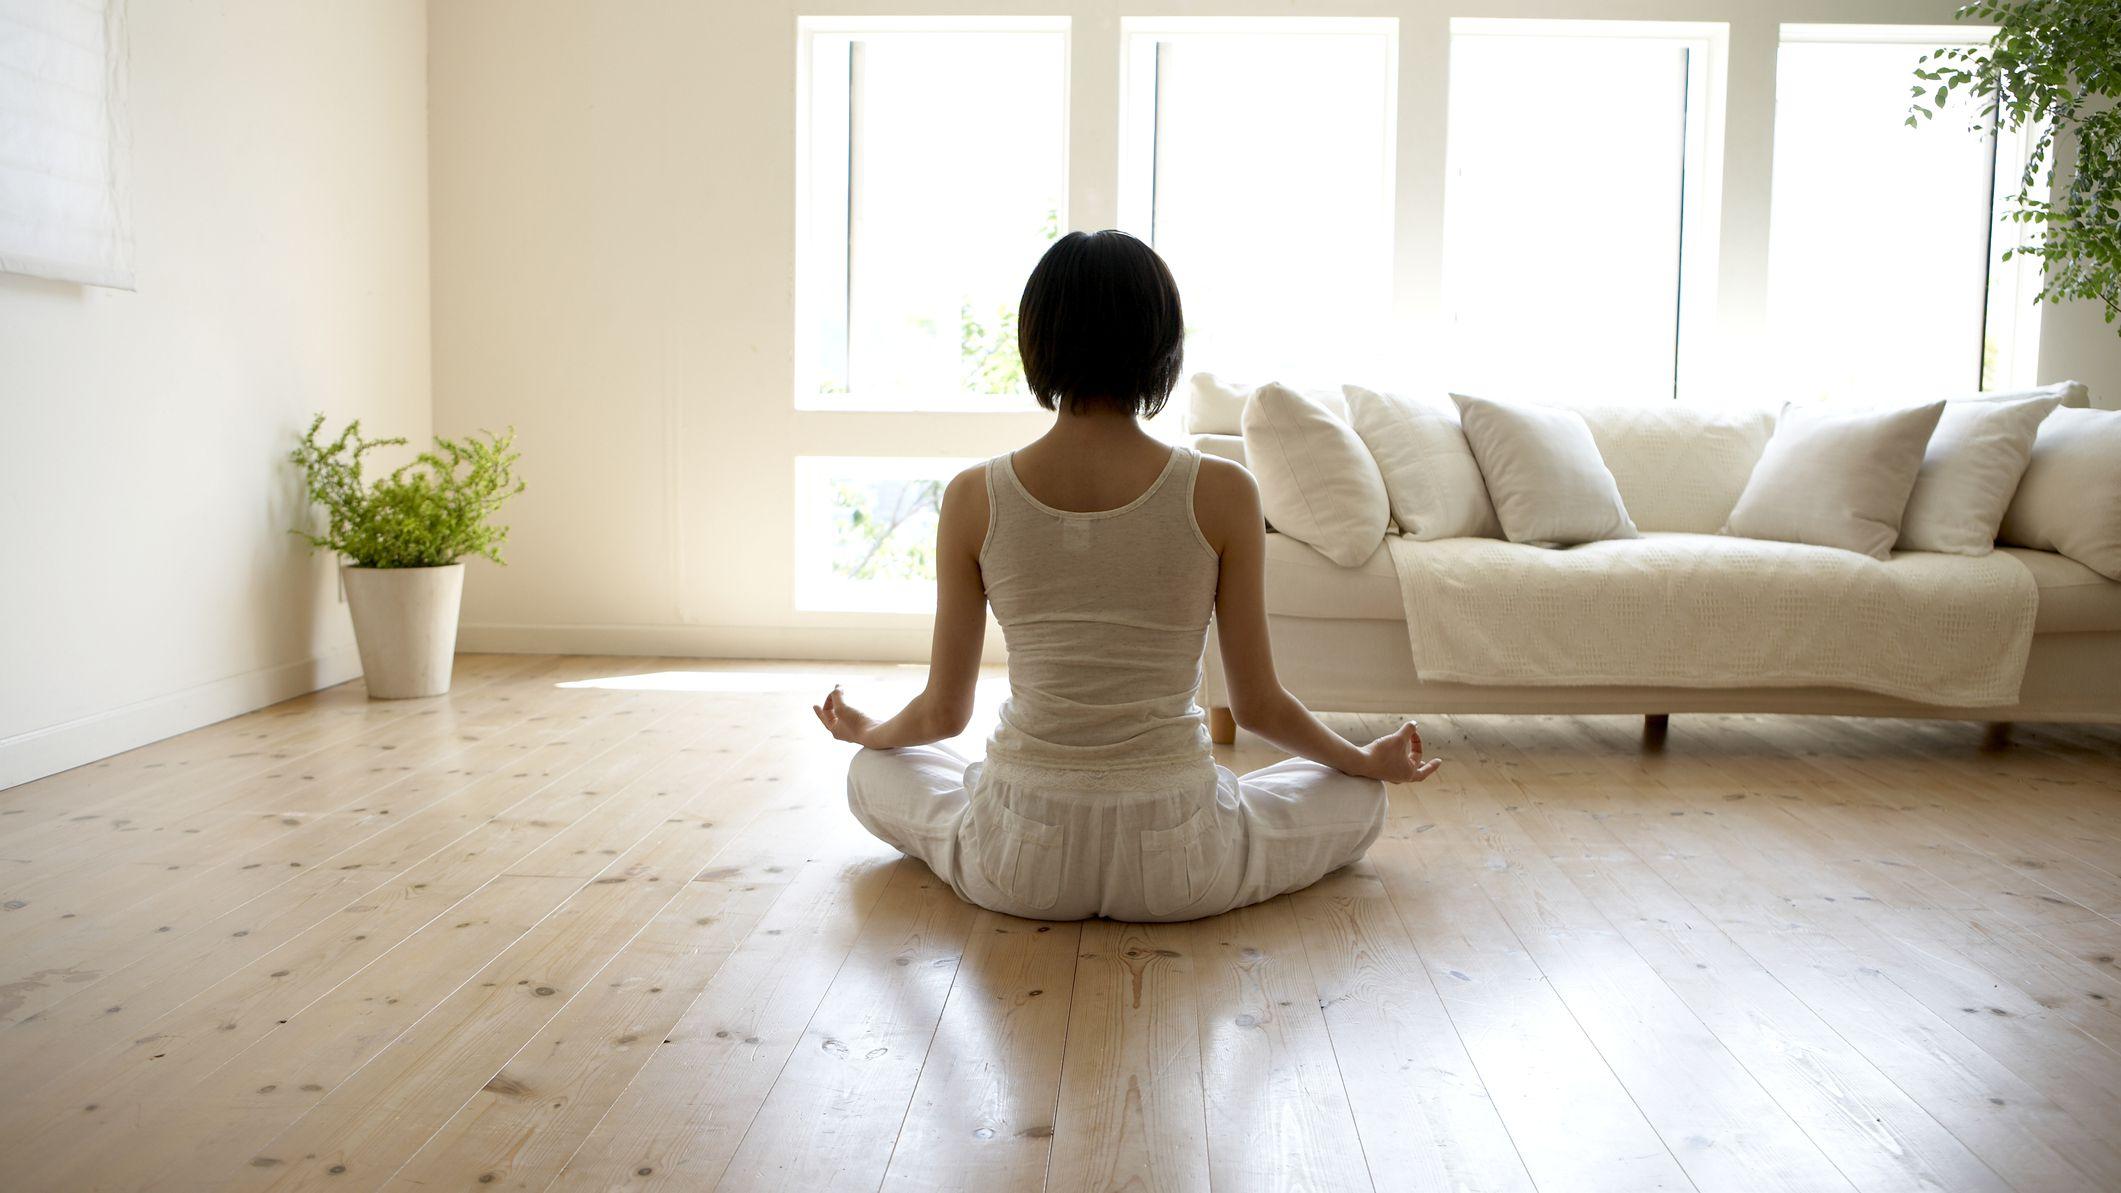 How Can I Create A Calm Zen Decor